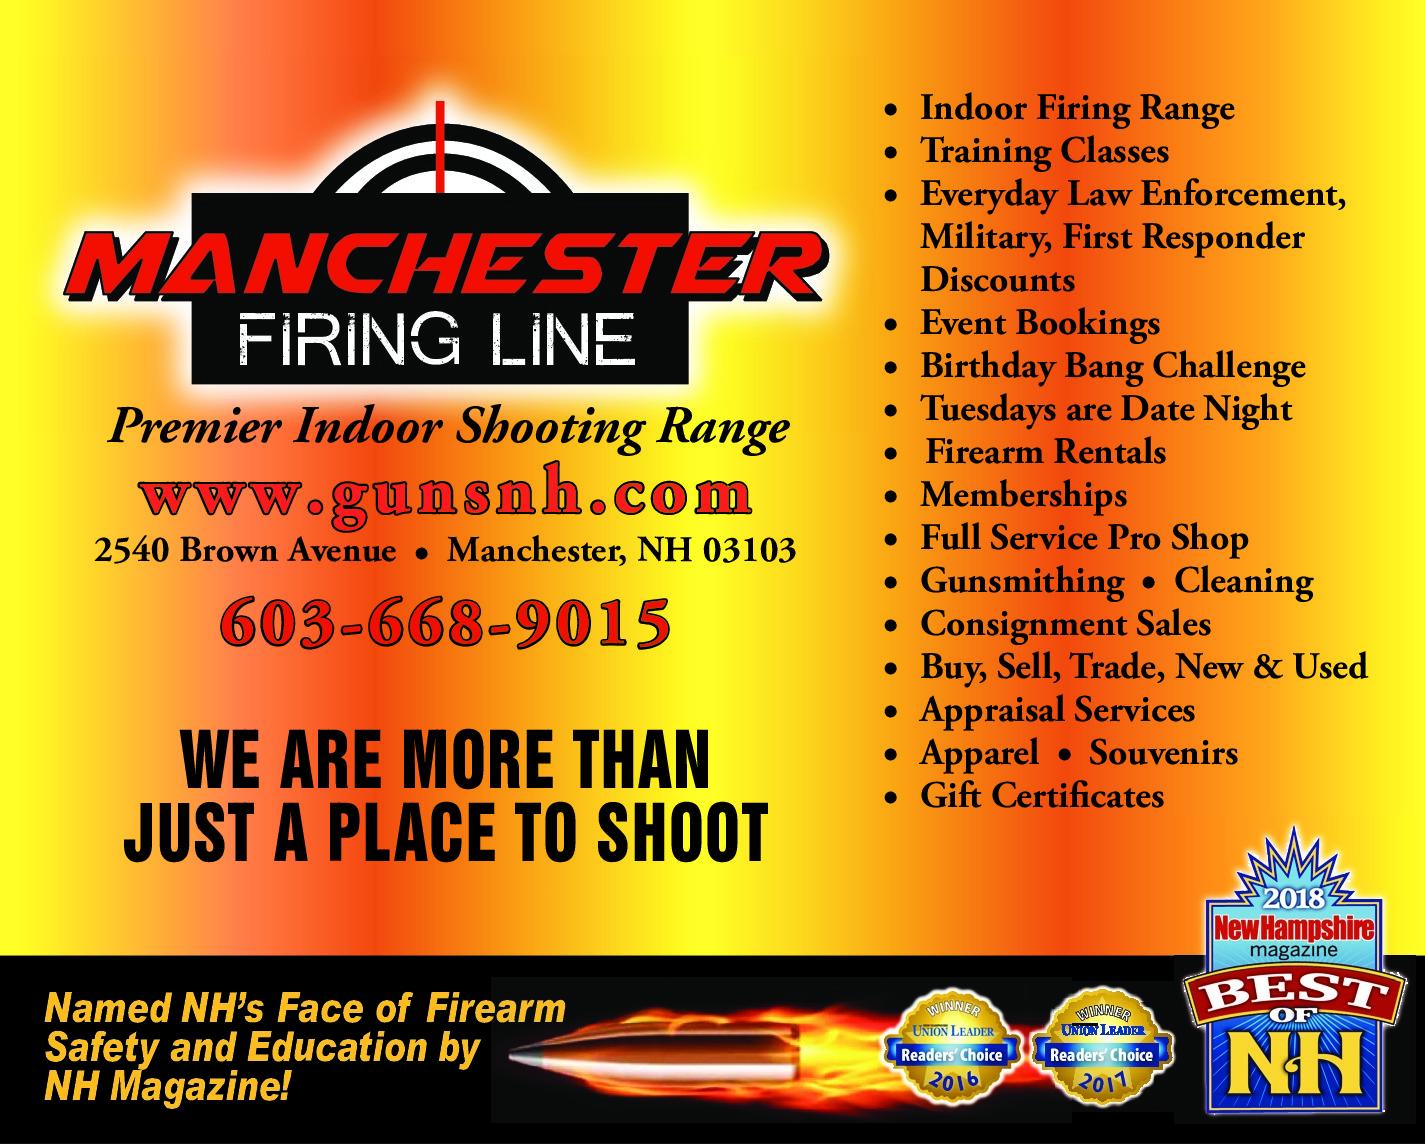 Manchester Firing Line   Manchester, NH - visitorfun com